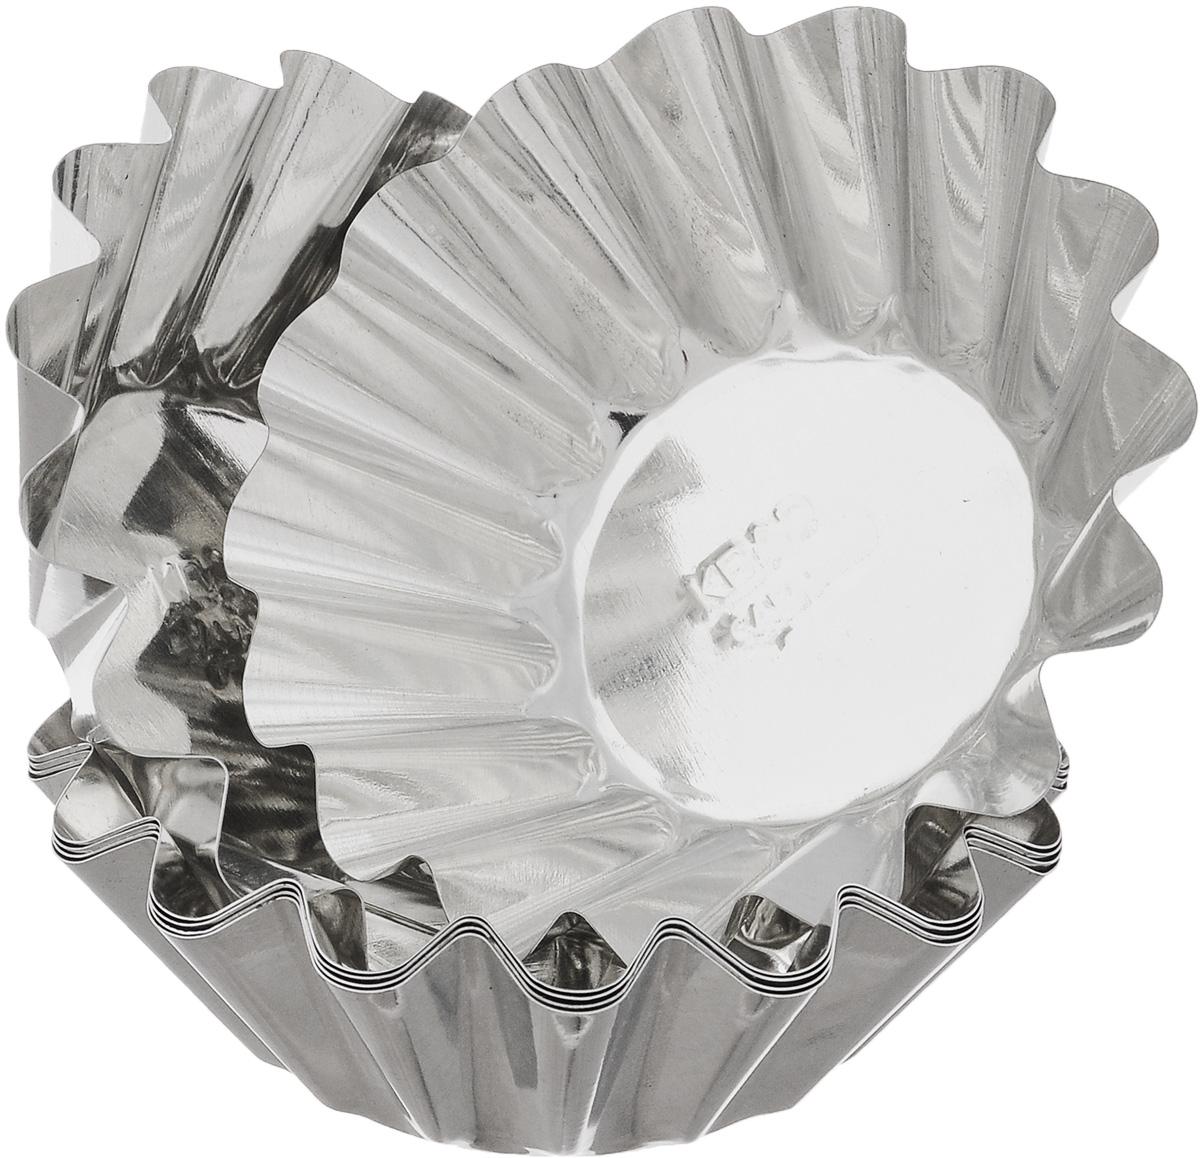 """Набор """"Кварц"""" состоит из шести форм, выполненных из белой жести.  Формы предназначены для  выпечки и приготовления желе. Стенки изделий рельефные. С набором форм """"Кварц"""" вы всегда сможете порадовать своих близких  оригинальной выпечкой.  Диаметр форм (по верхнему краю): 9,5 см. Высота форм: 3 см."""